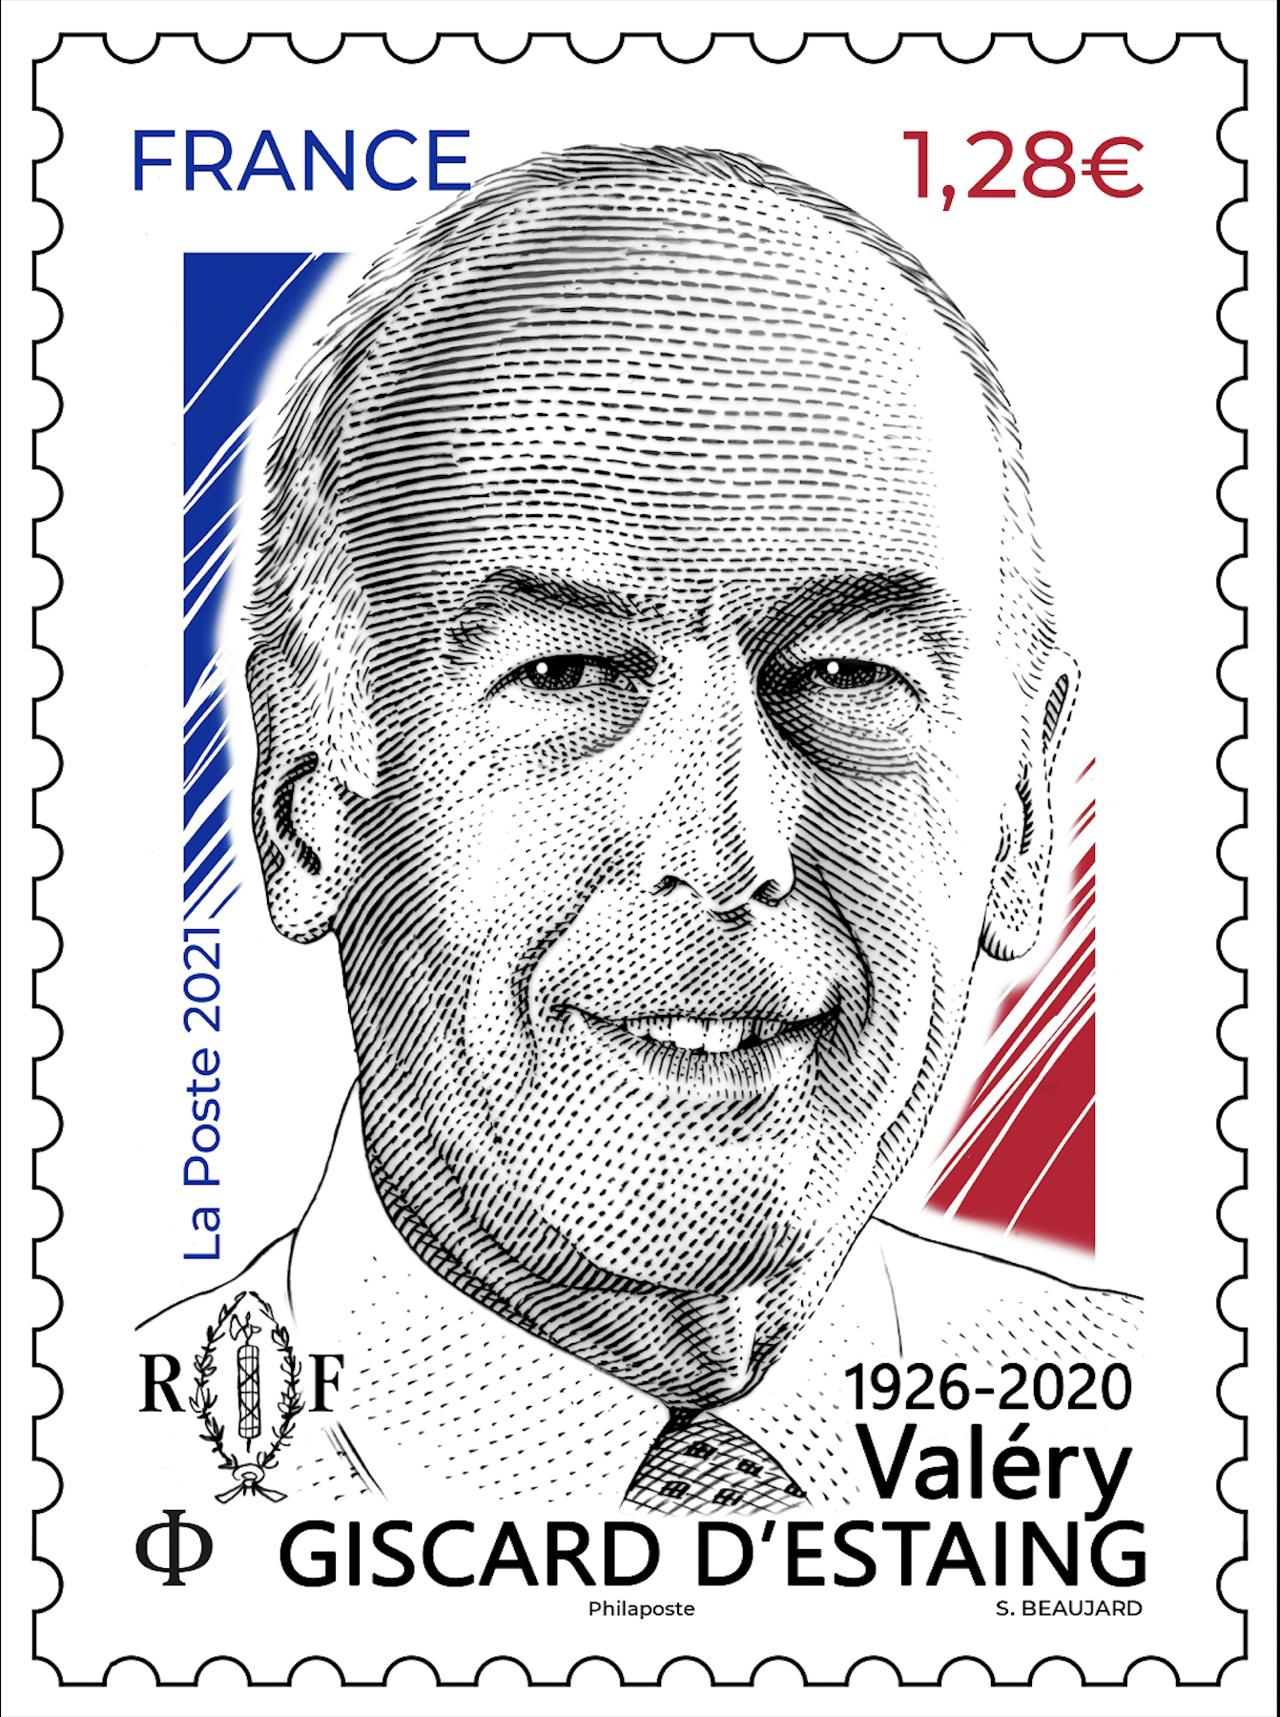 Valéry Giscard d'Estaing   Création d'un timbre commémoratif